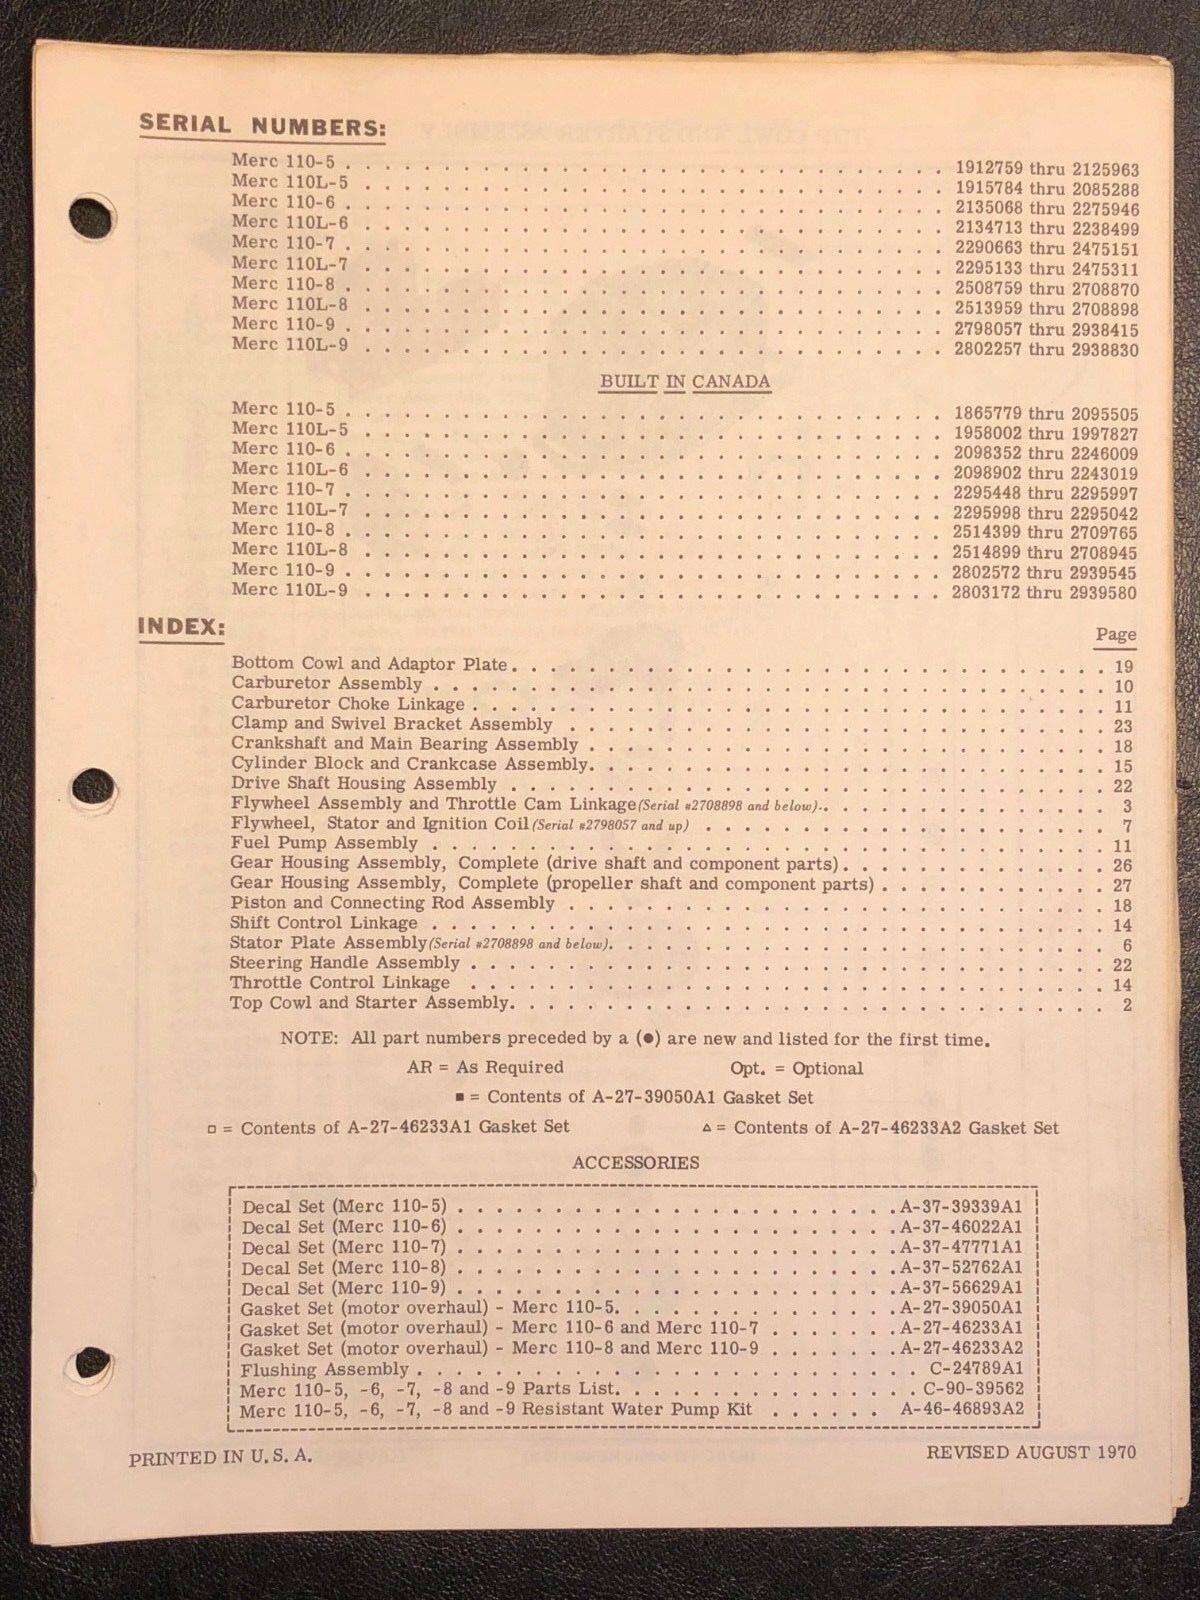 1970 Merc Mercury 110-5, L-5, L-6, L-7, L-8,9 Outboard Parts Manual List Catalog